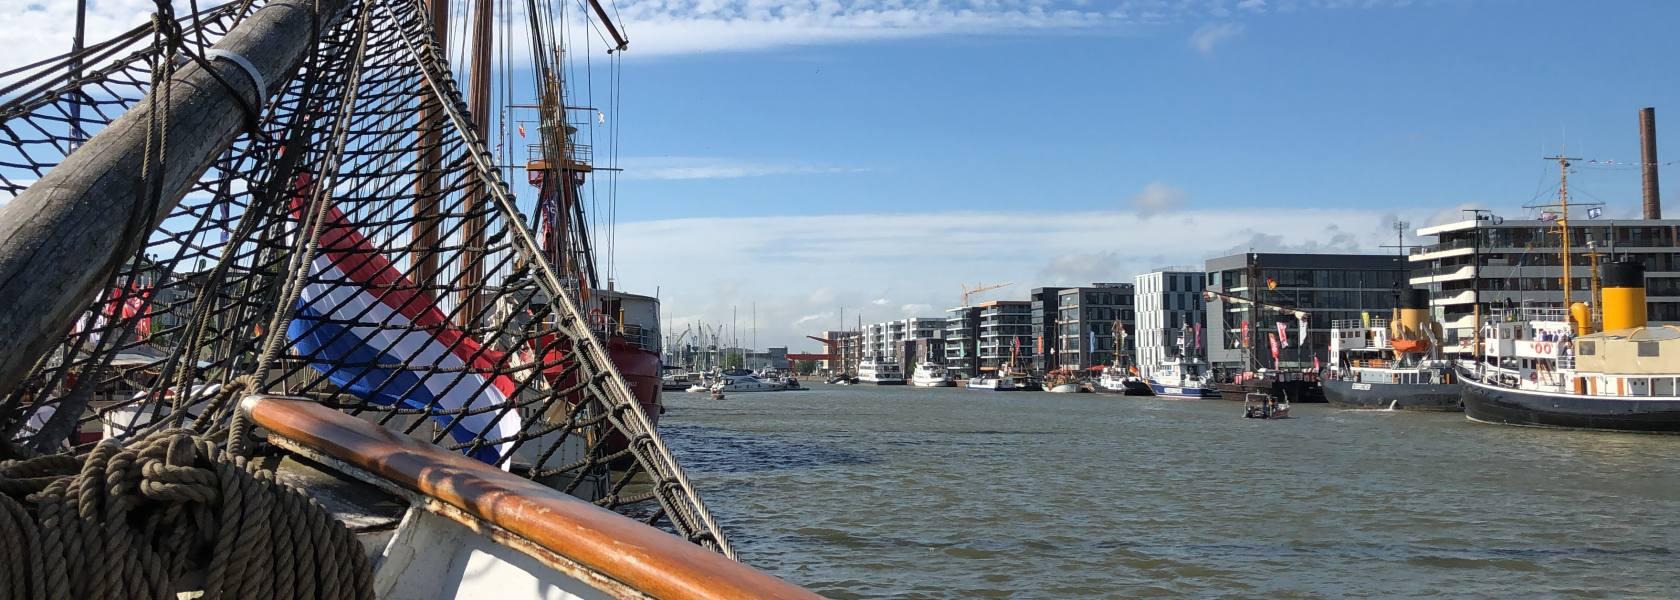 Lütte Sail, © Mailin Knoke